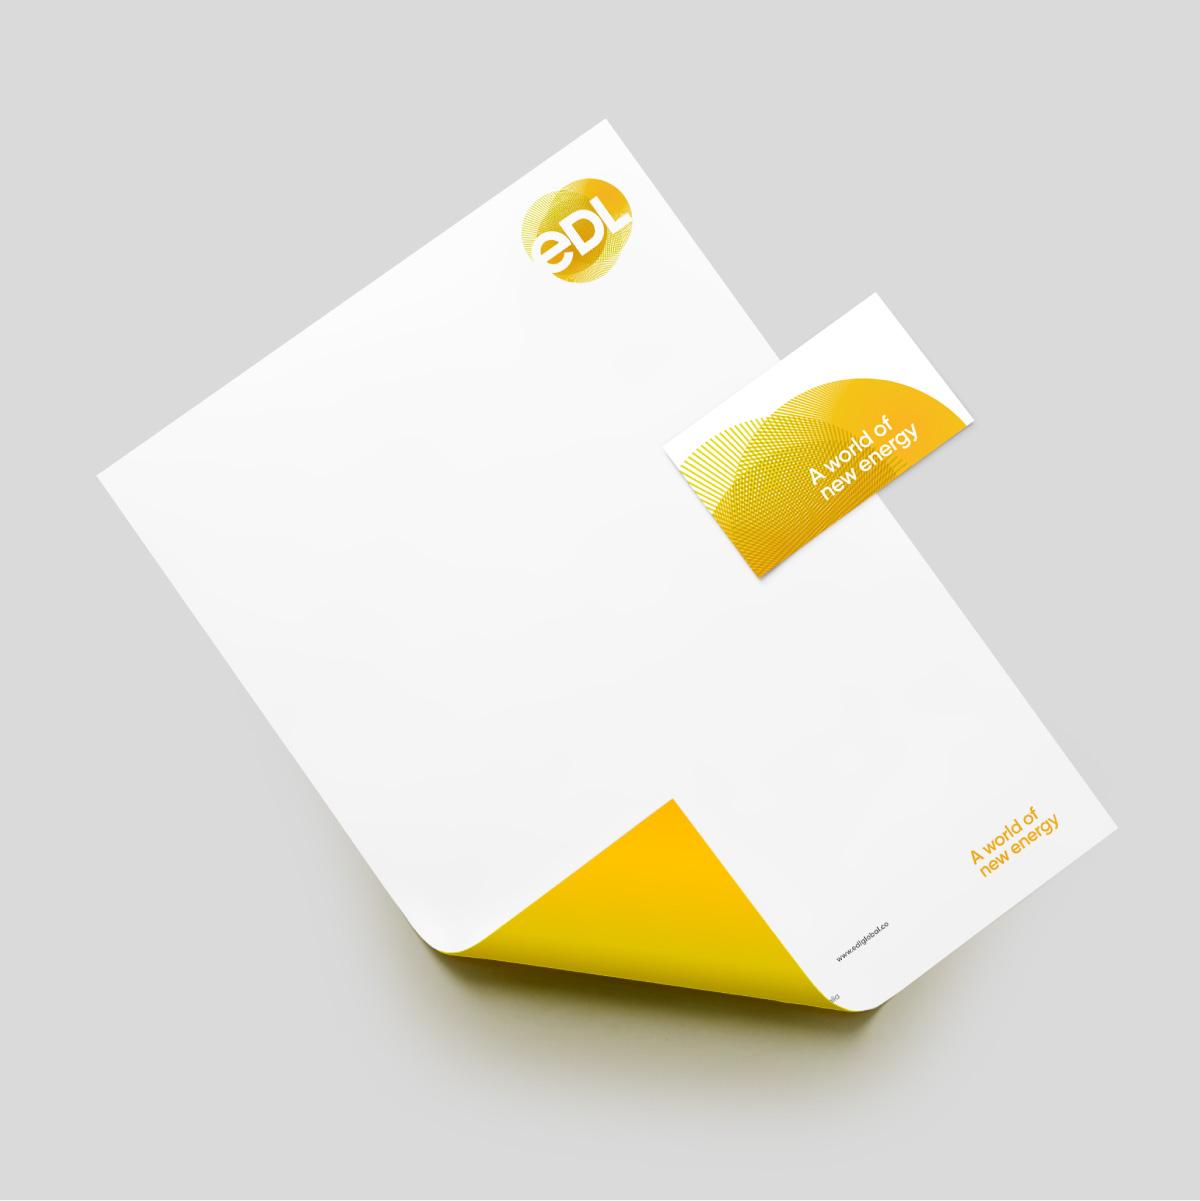 EDL Brand Identity Stationery